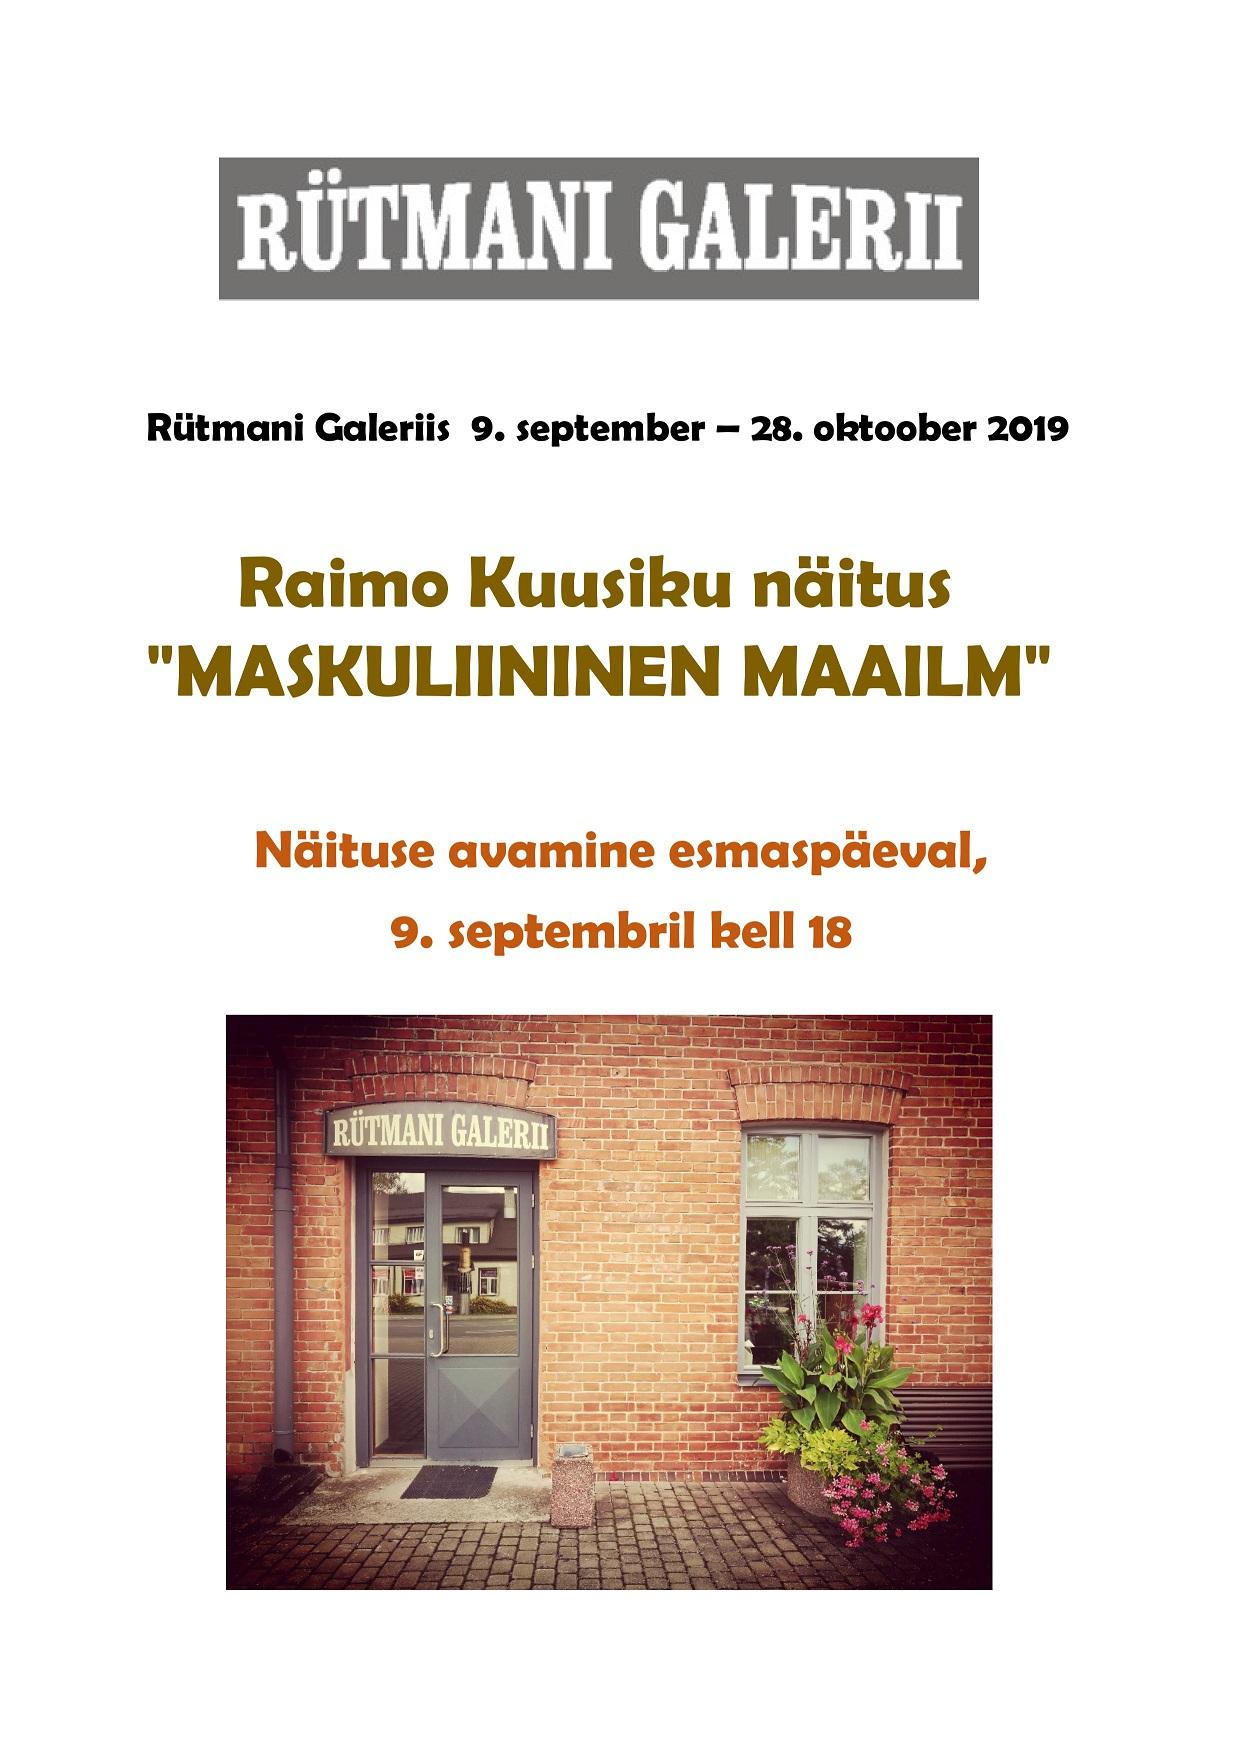 Raimo Kuusiku näituse avamine